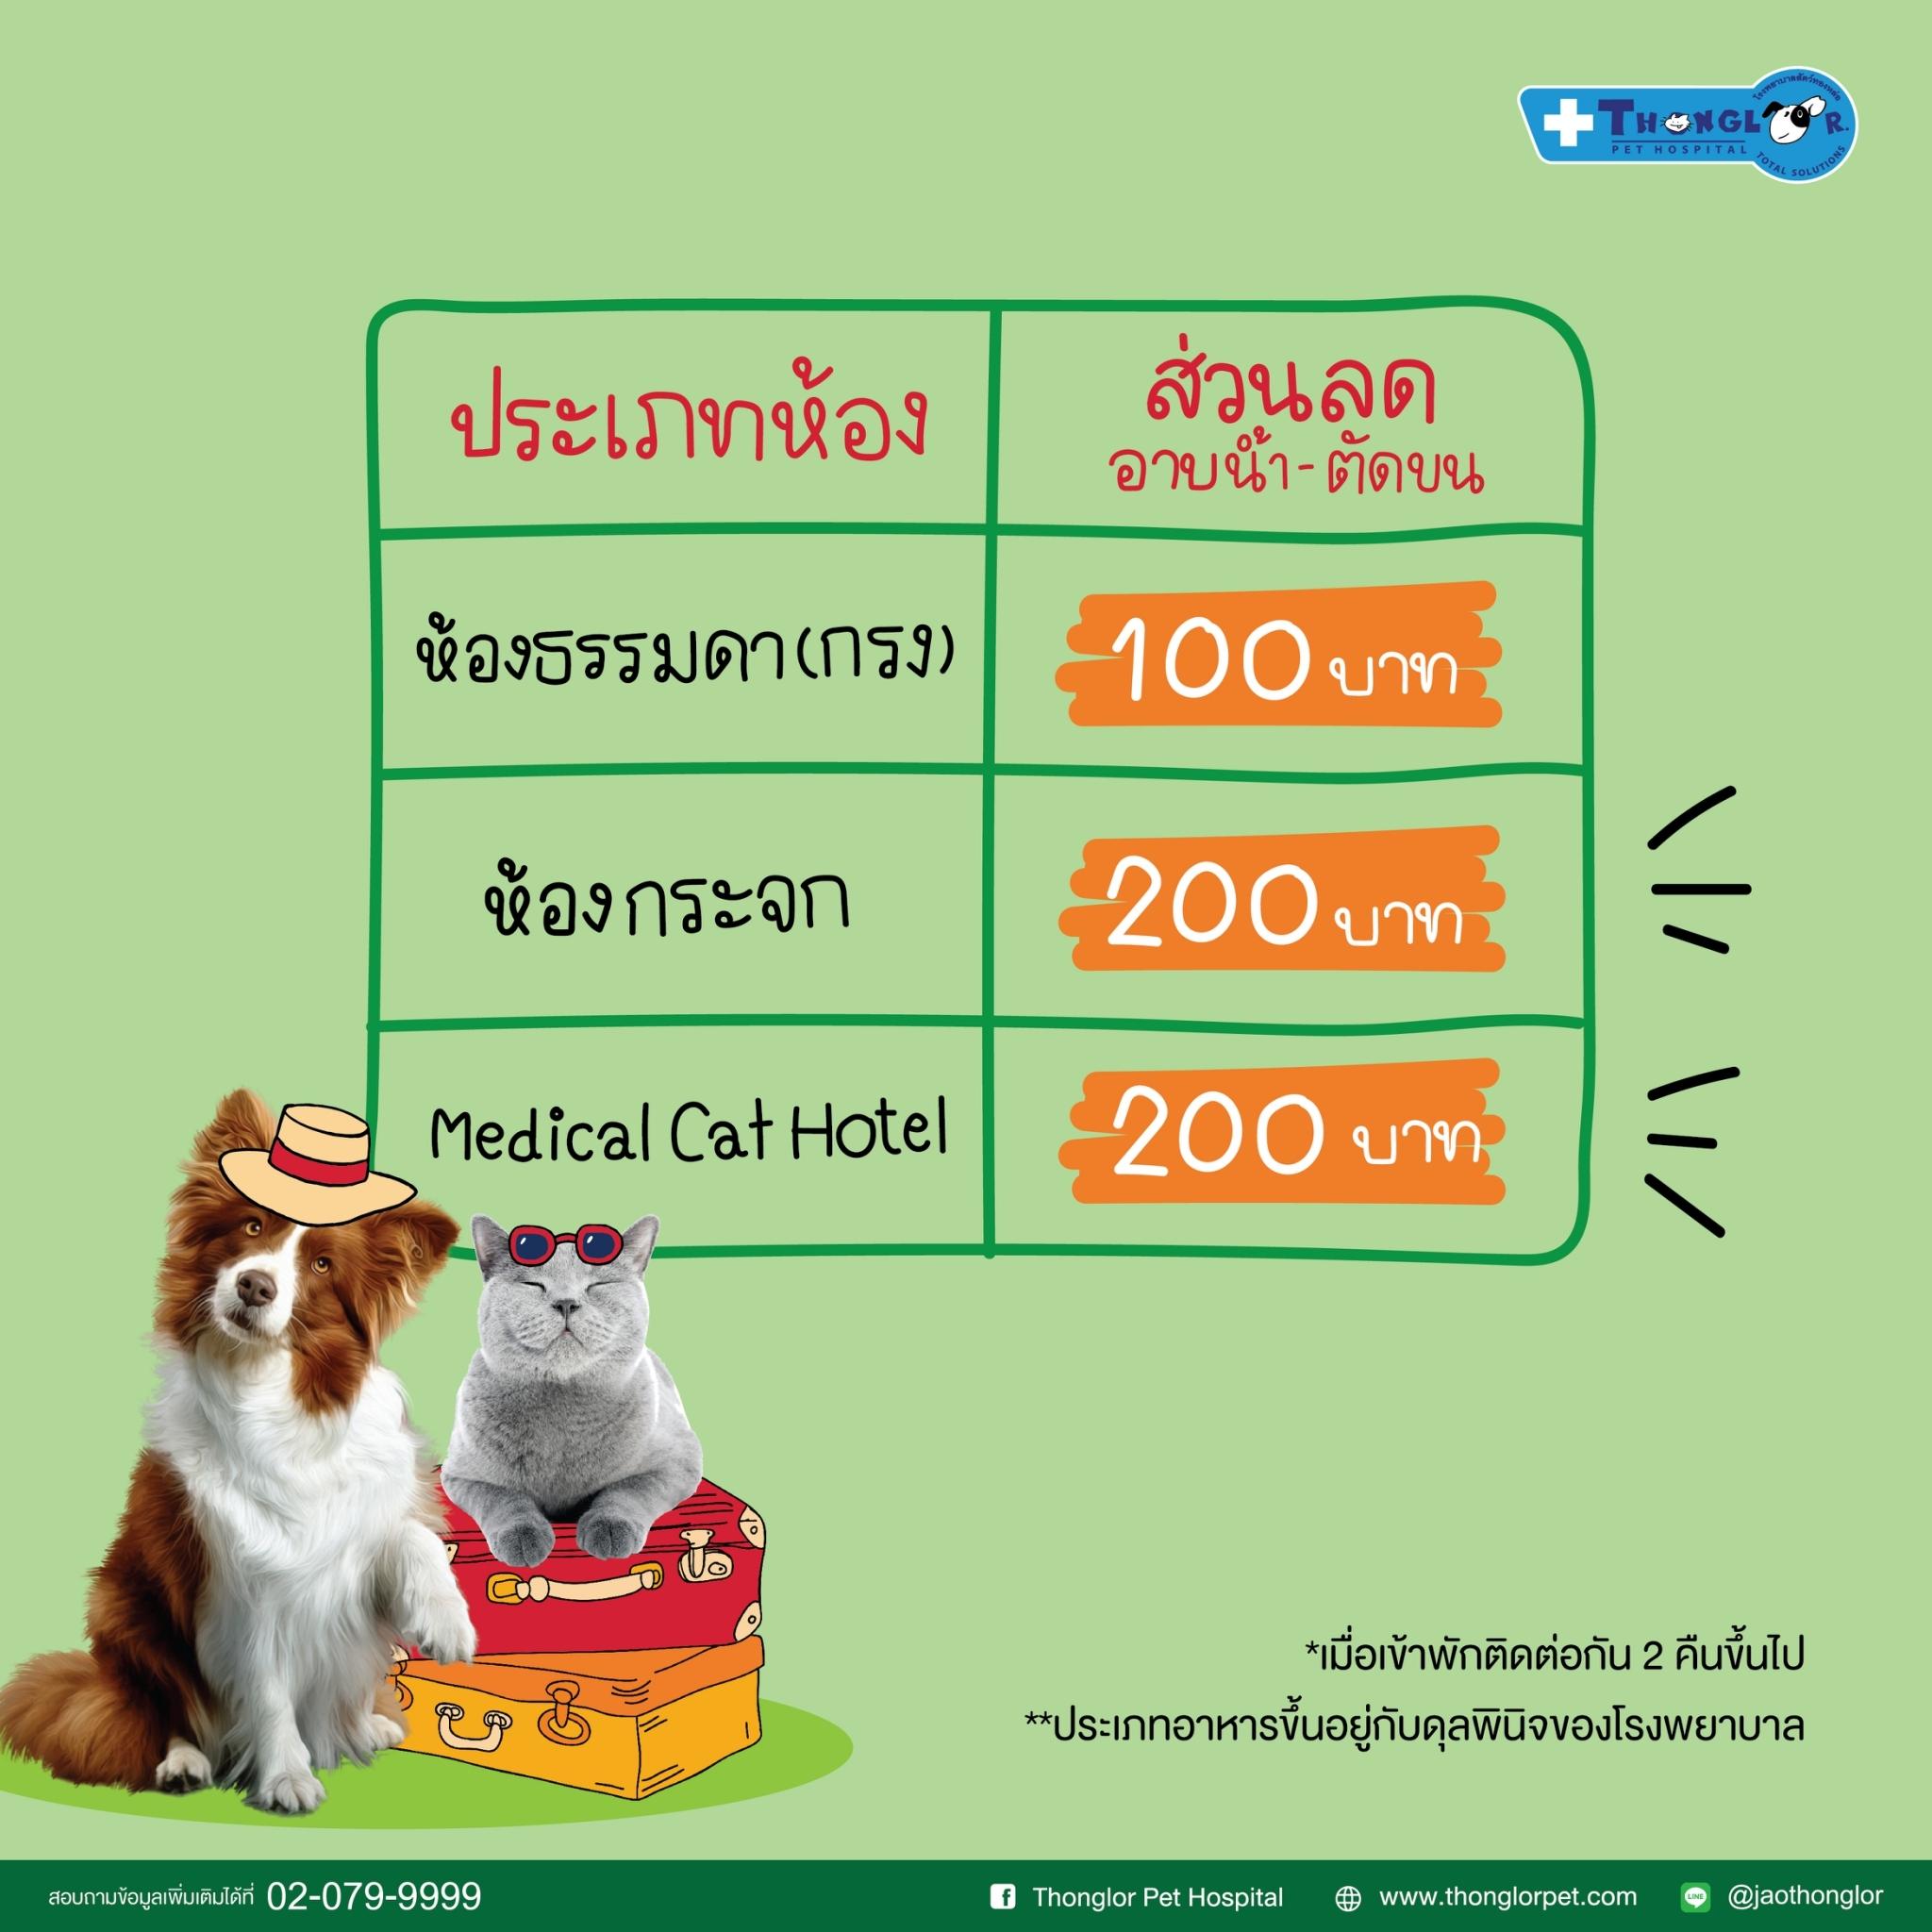 Dogilike.com :: รพส.ทองหล่อ ให้บริการรับฝากสุนัข-แมว ตอบรับปลดล็อค COVID-19